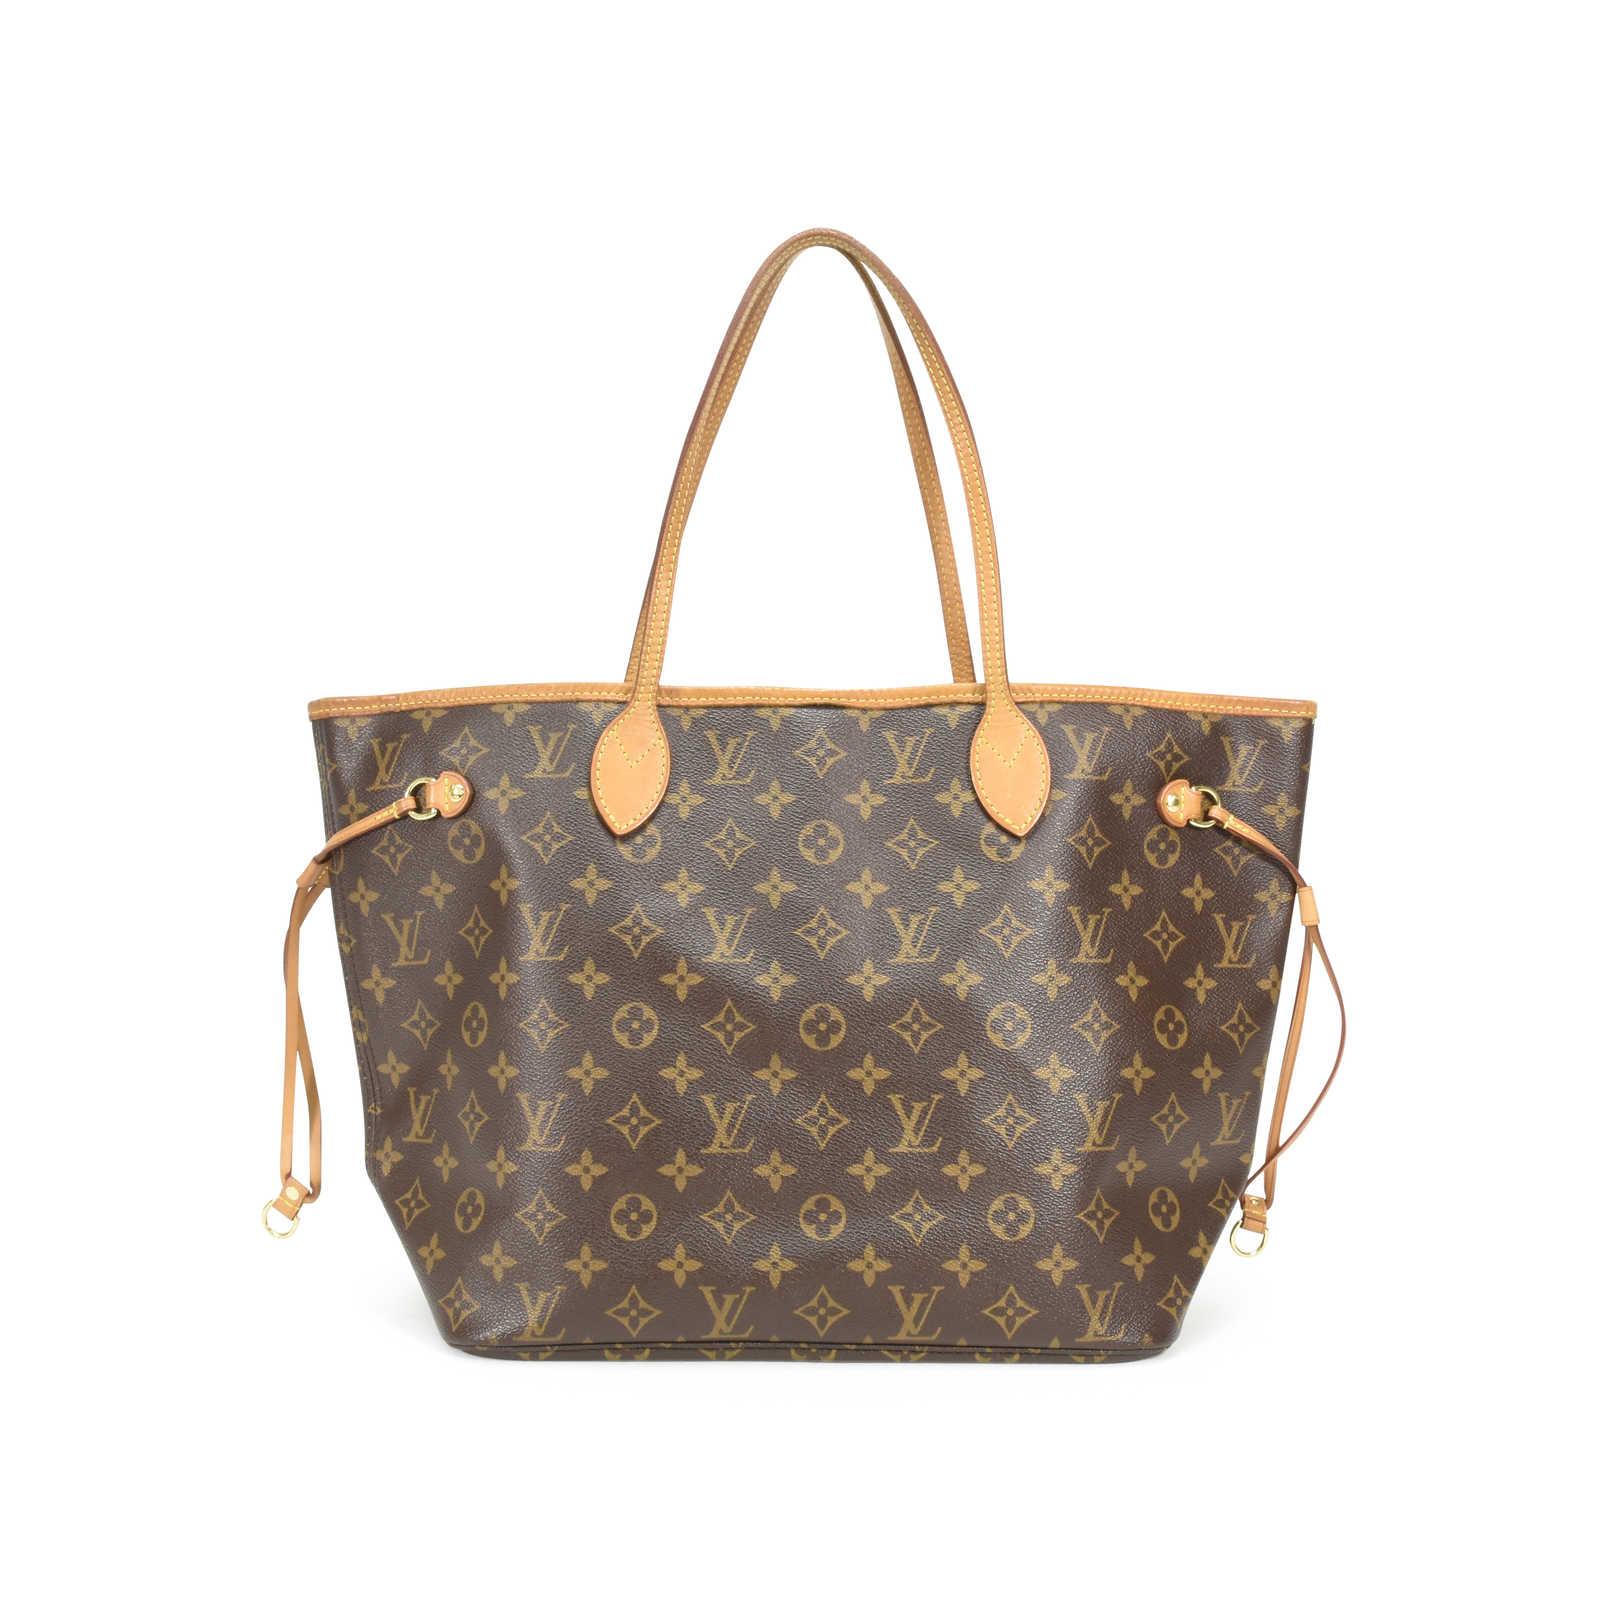 Second Hand Louis Vuitton Neverfull Mm